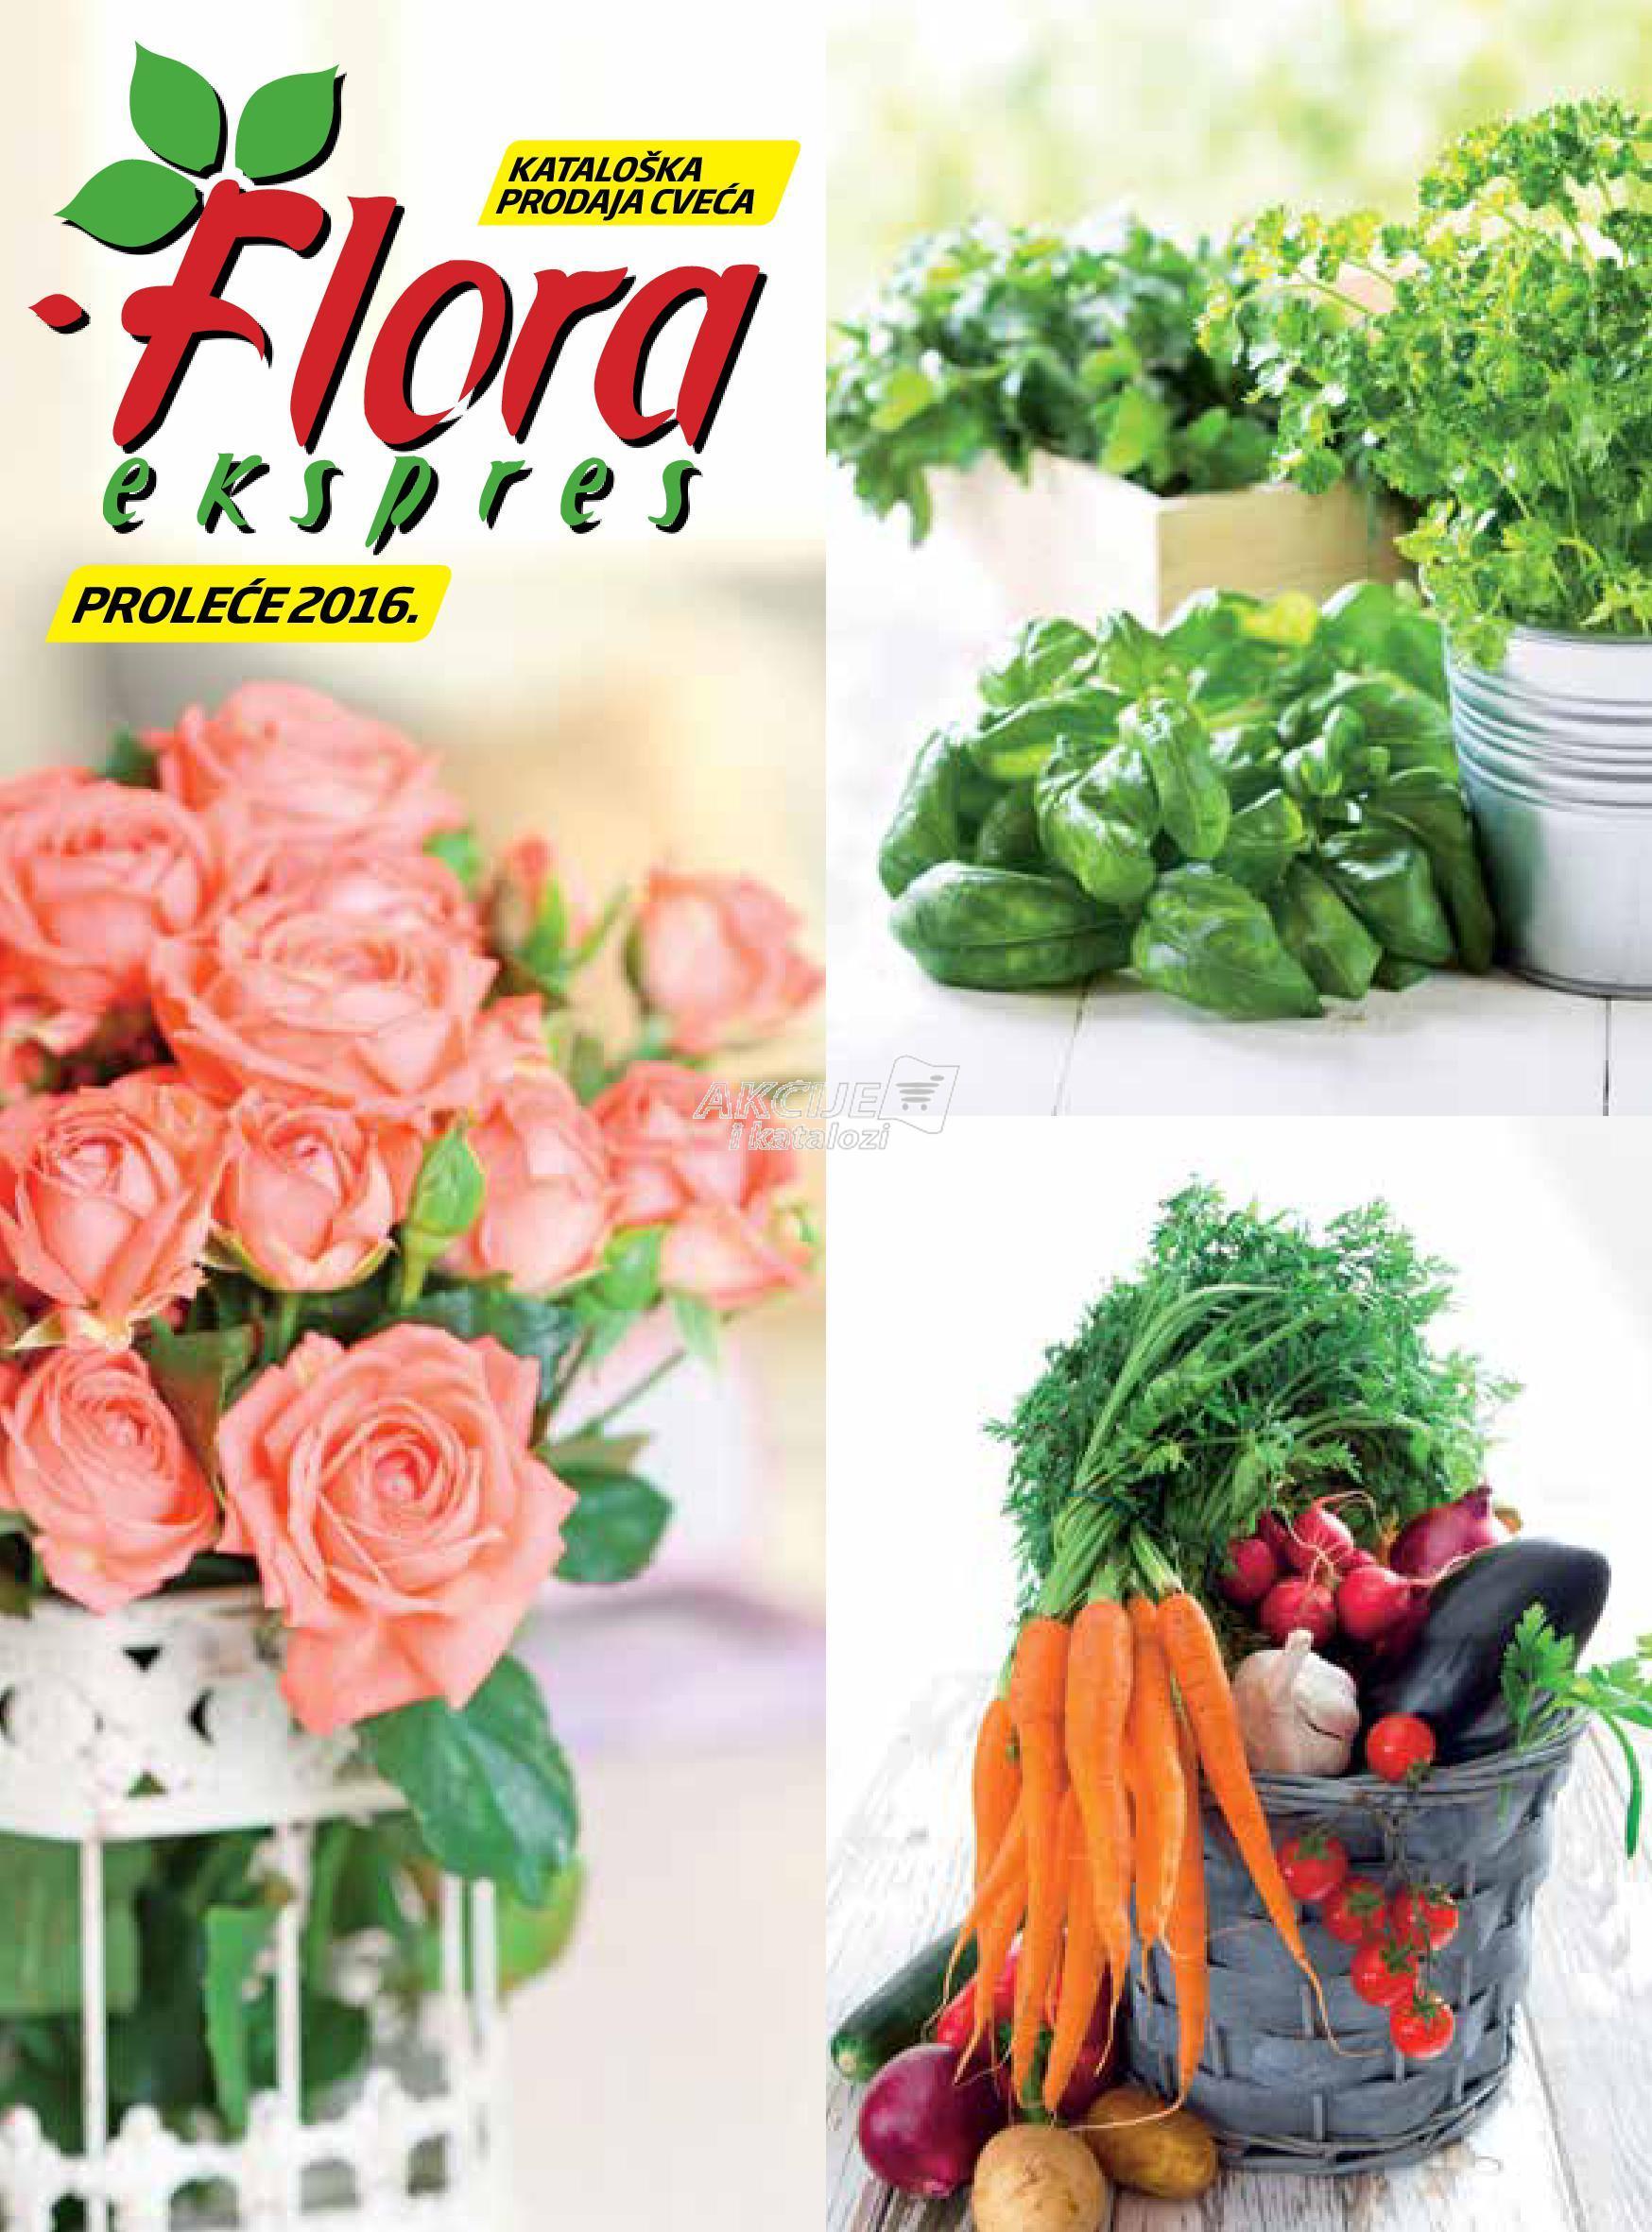 Flora Expres - Redovna akcija prolećne kupovine